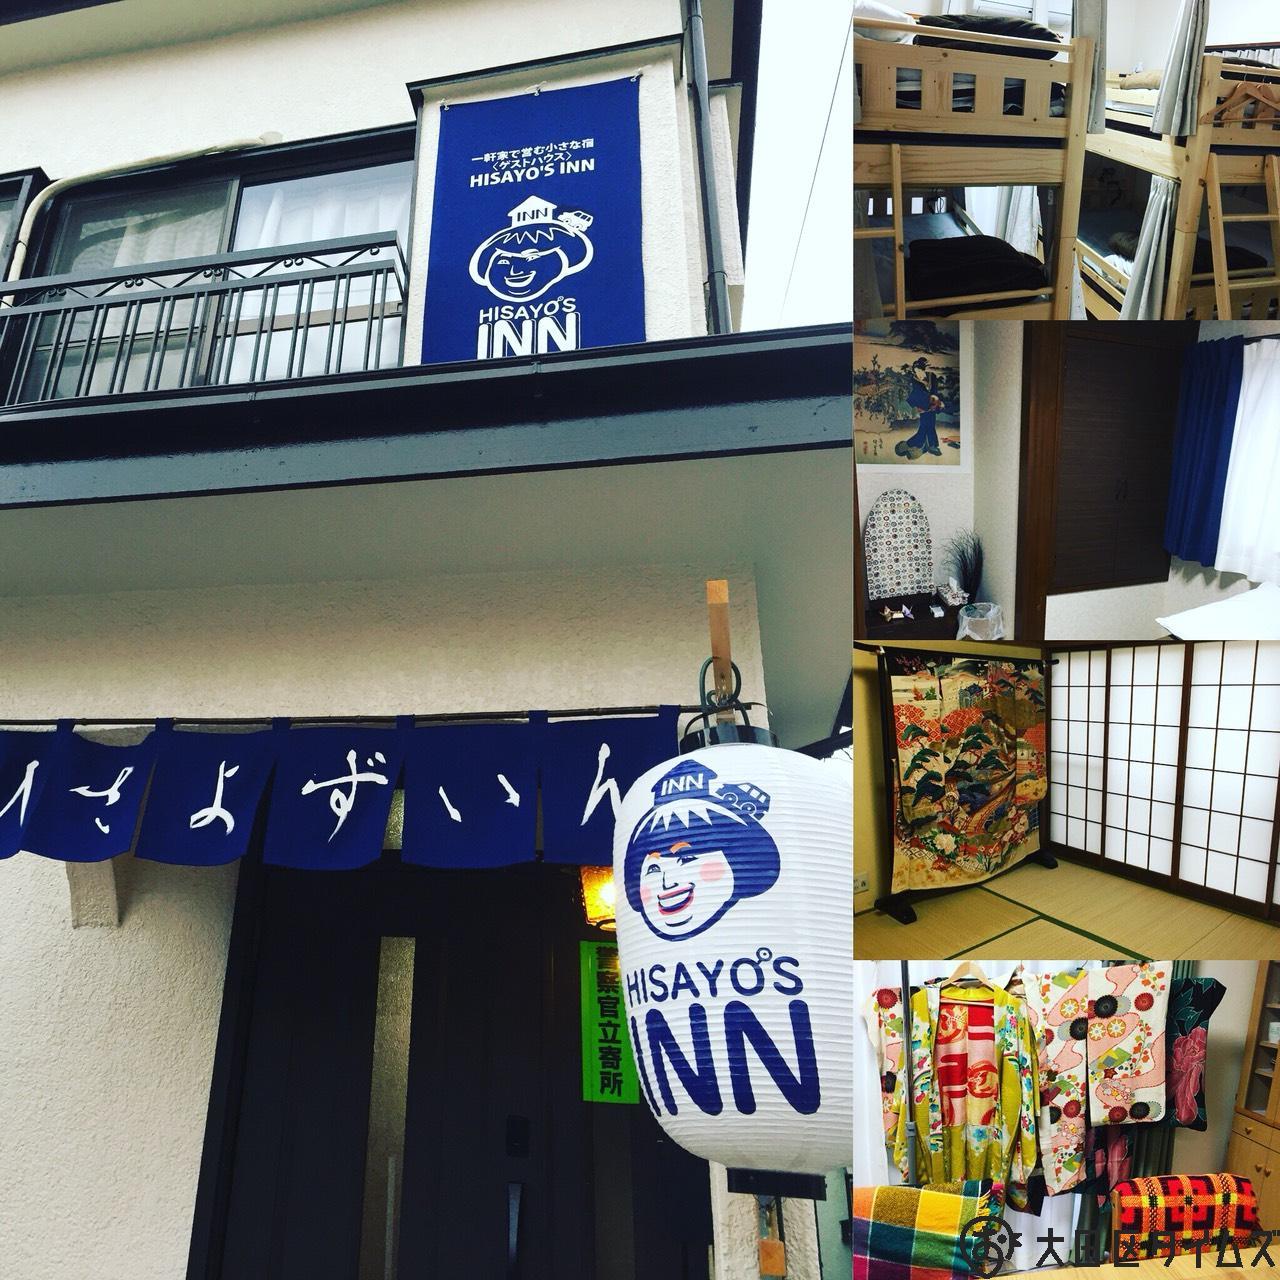 ゲストハウスHISAYO'S INN